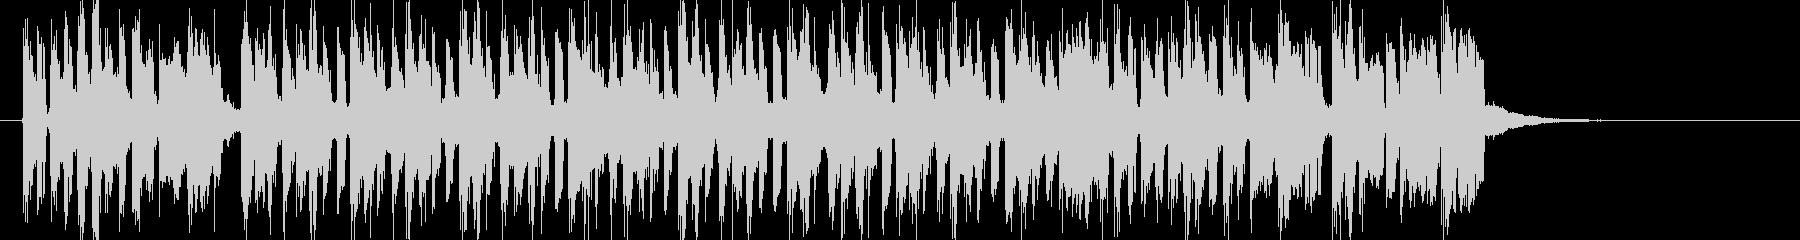 軽快でキャッチーなシンセジングルの未再生の波形